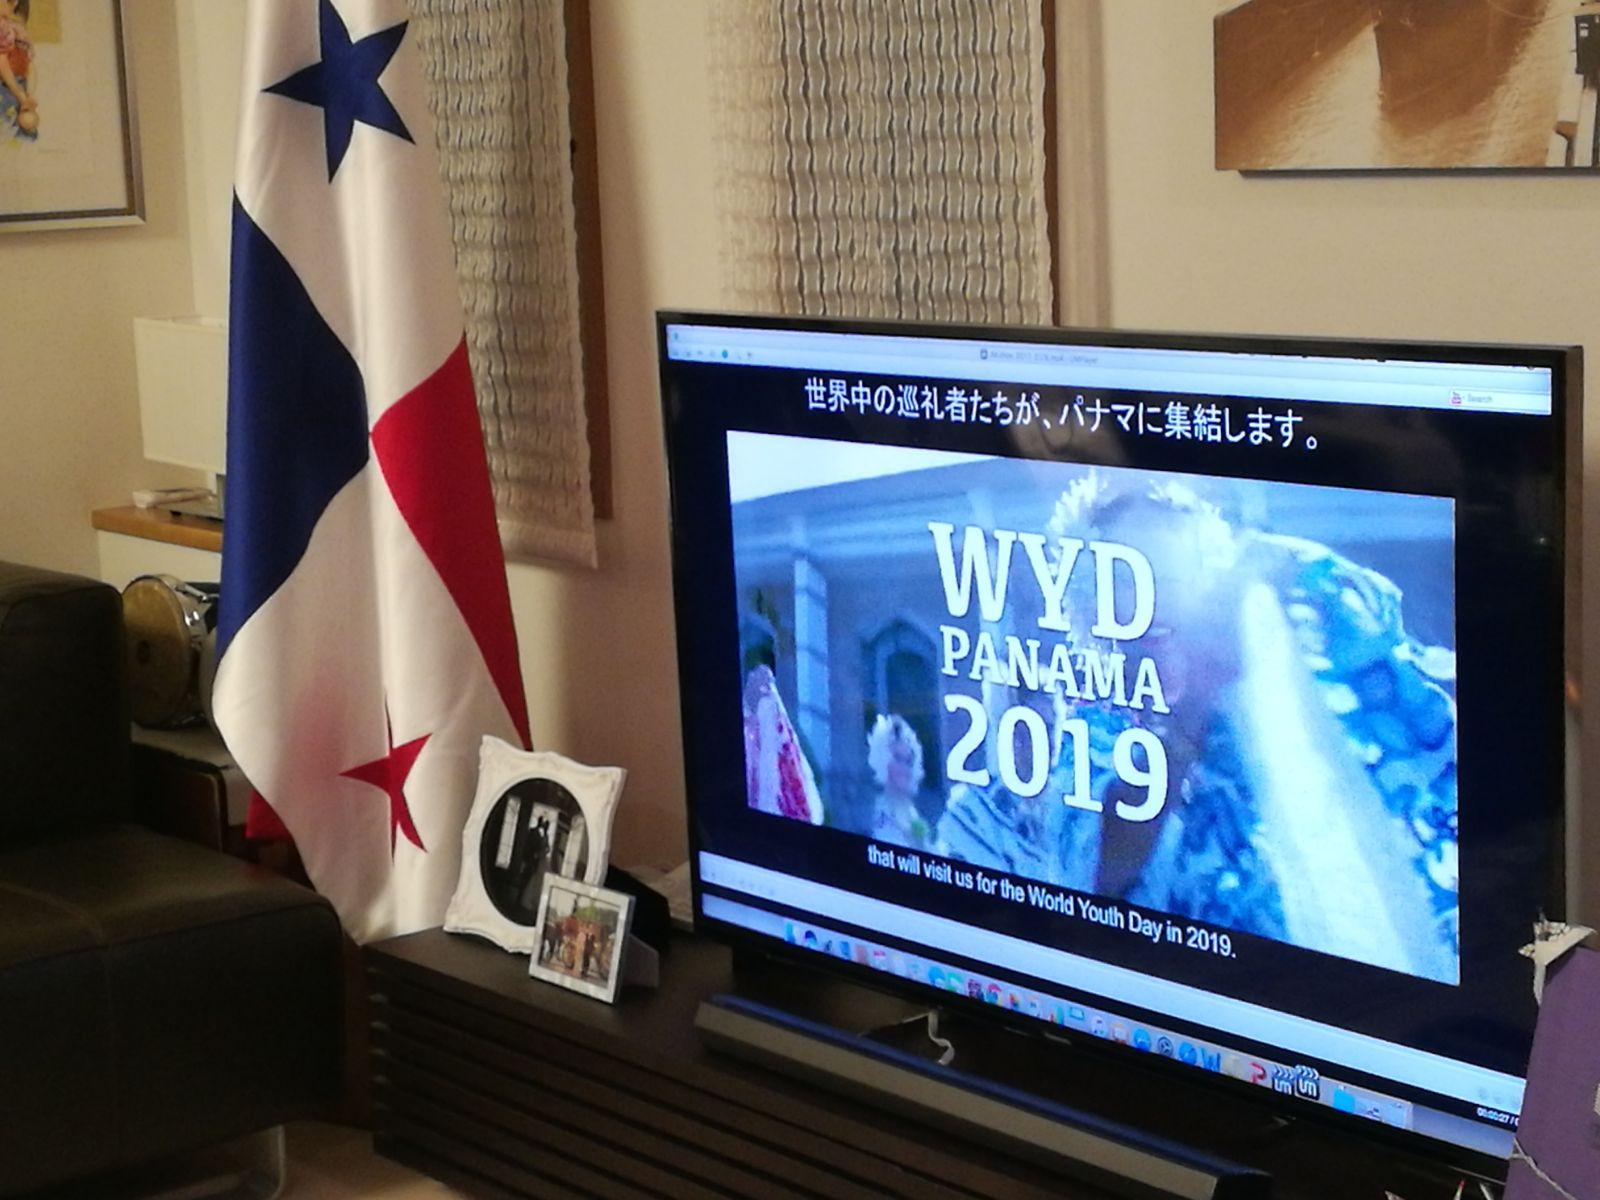 2019年パナマで開催される世界ユースデーの紹介